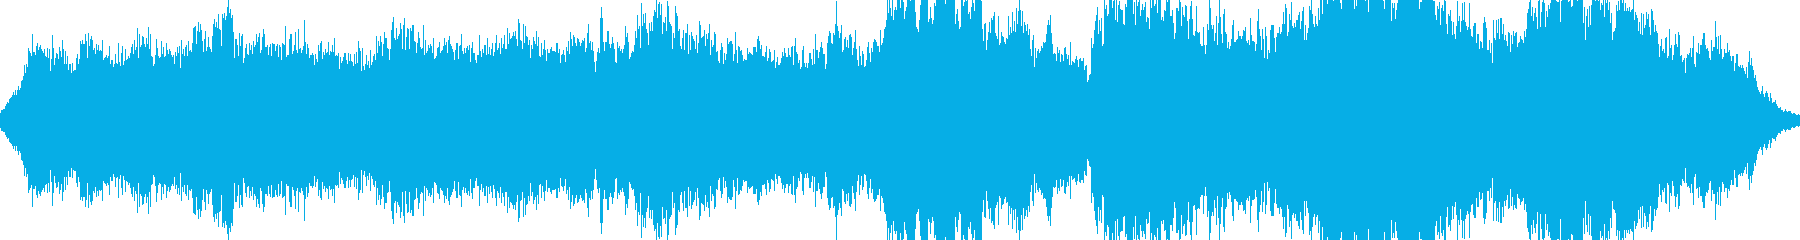 幻想チュートリアル(LOOP対応)の再生済みの波形